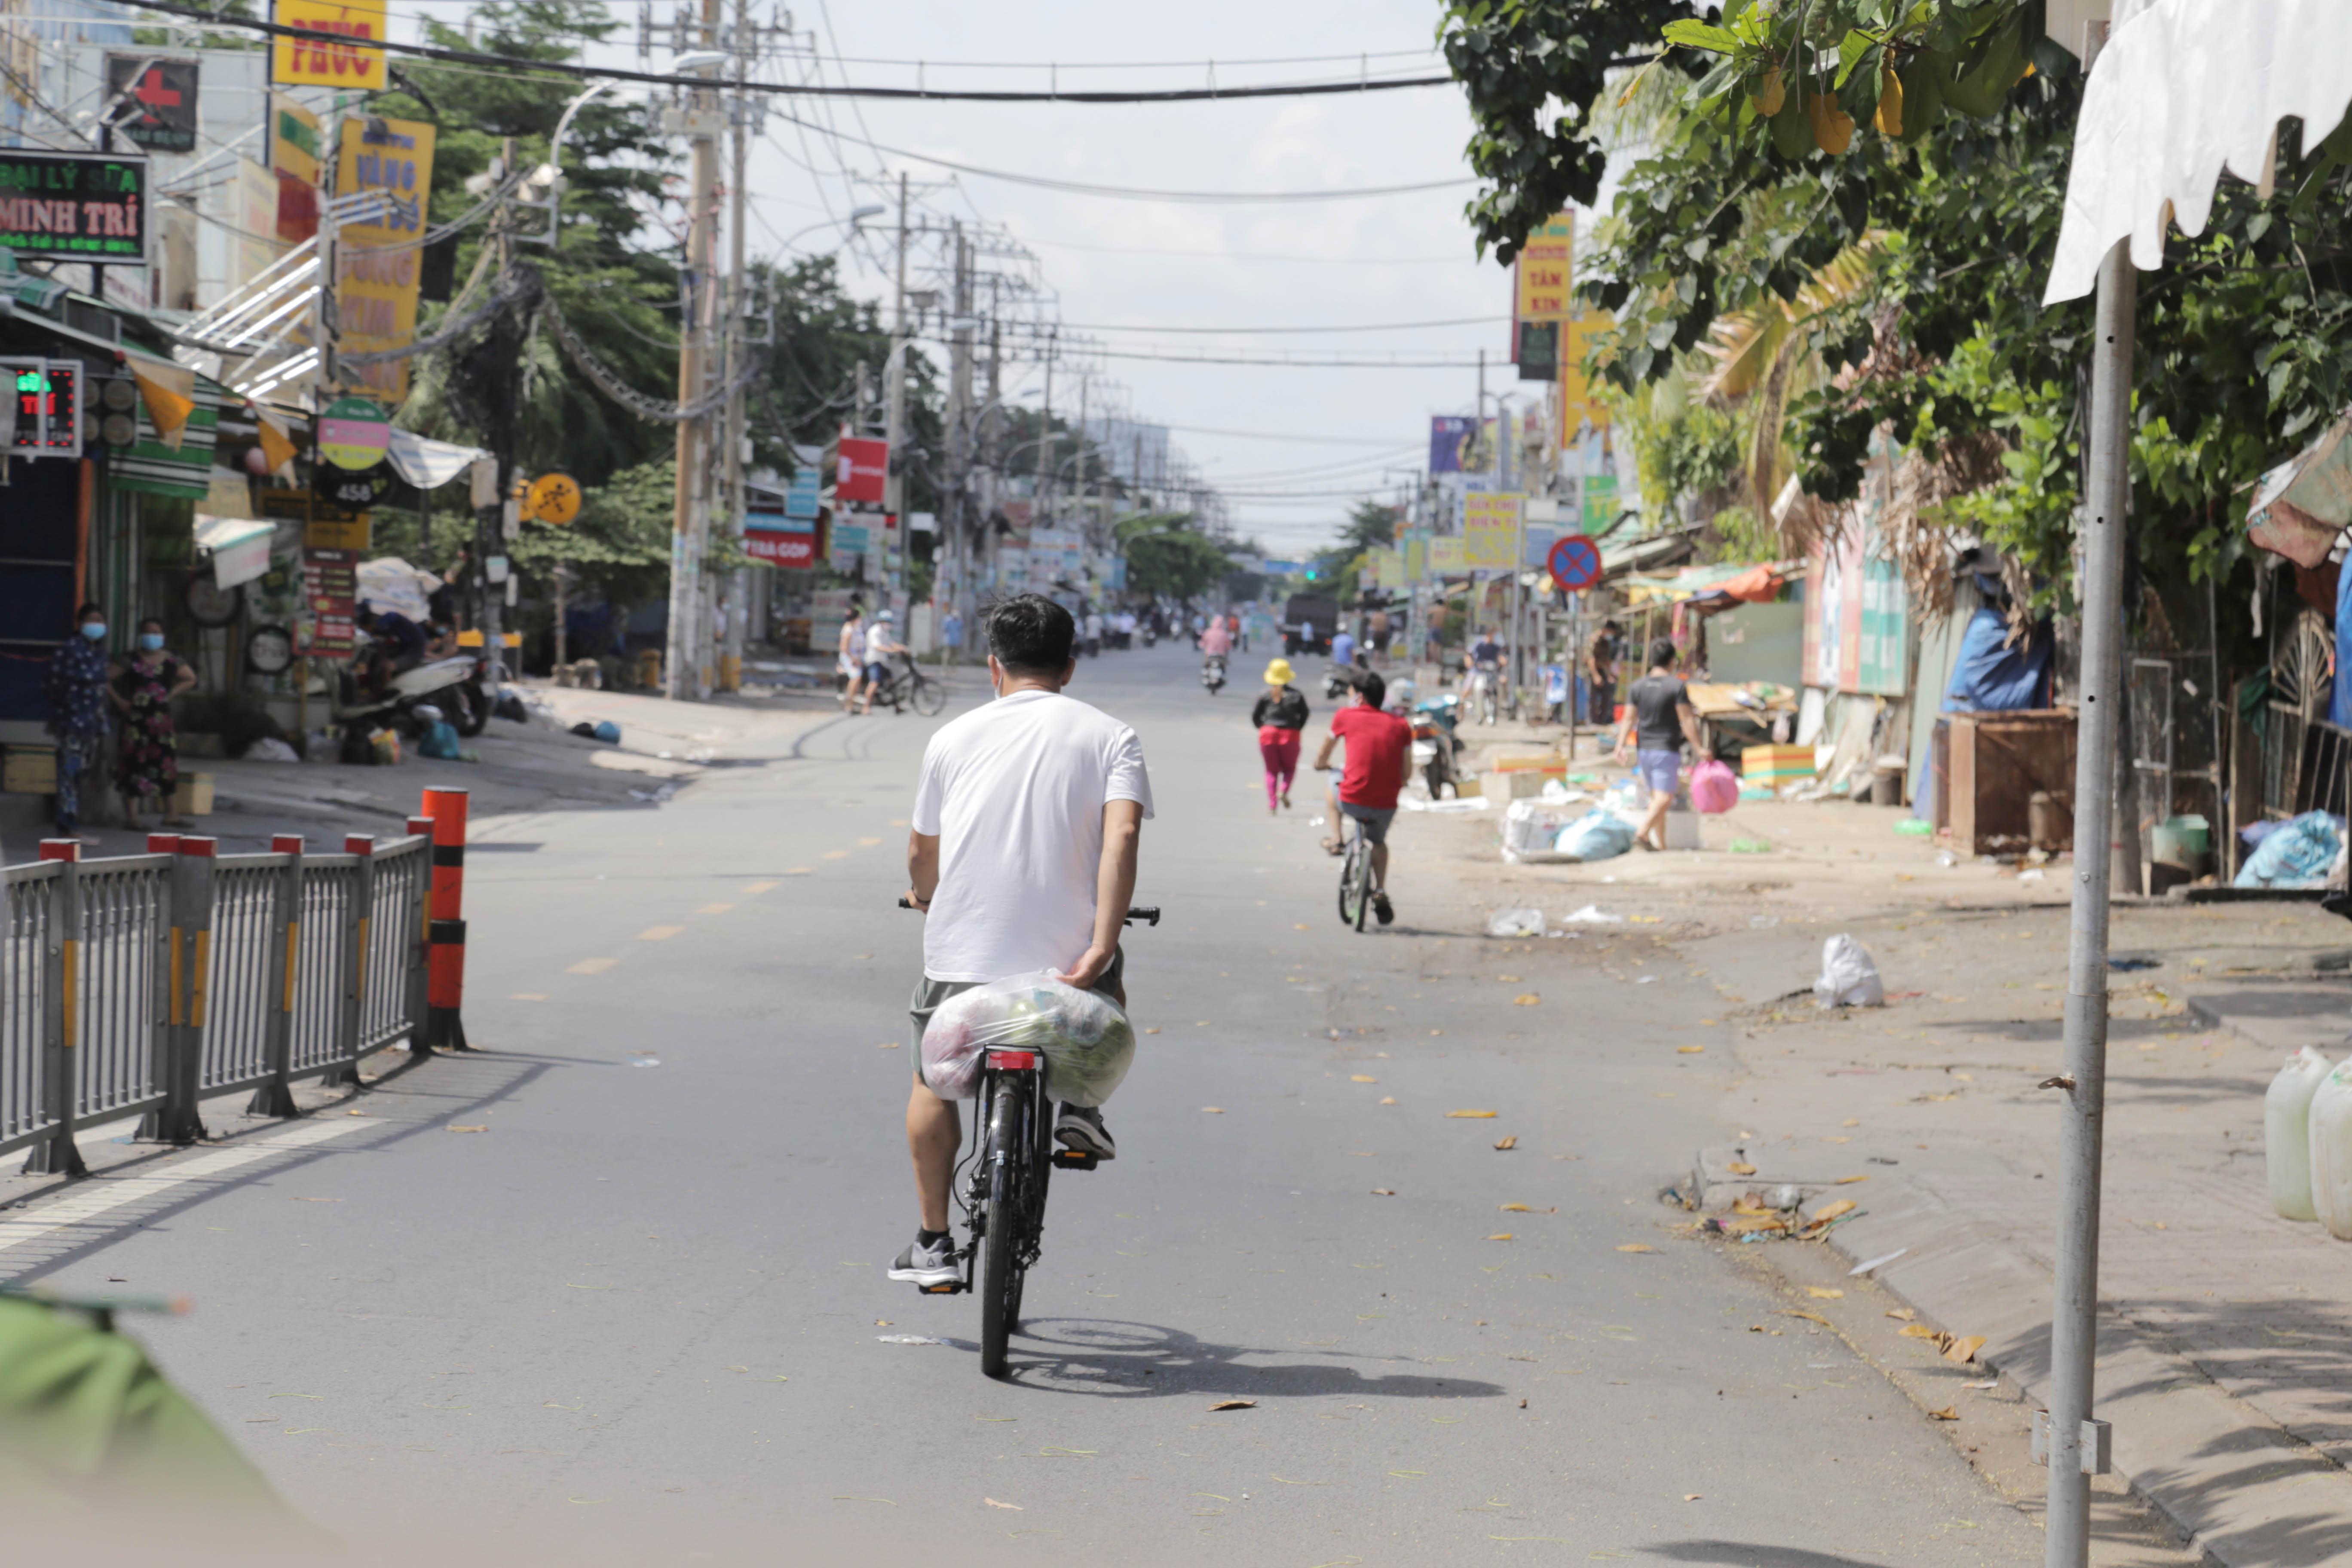 """Toàn cảnh phong tỏa """"nội bất xuất, ngoại bất nhập"""" tại 3 khu phố ở Bình Tân - 12"""